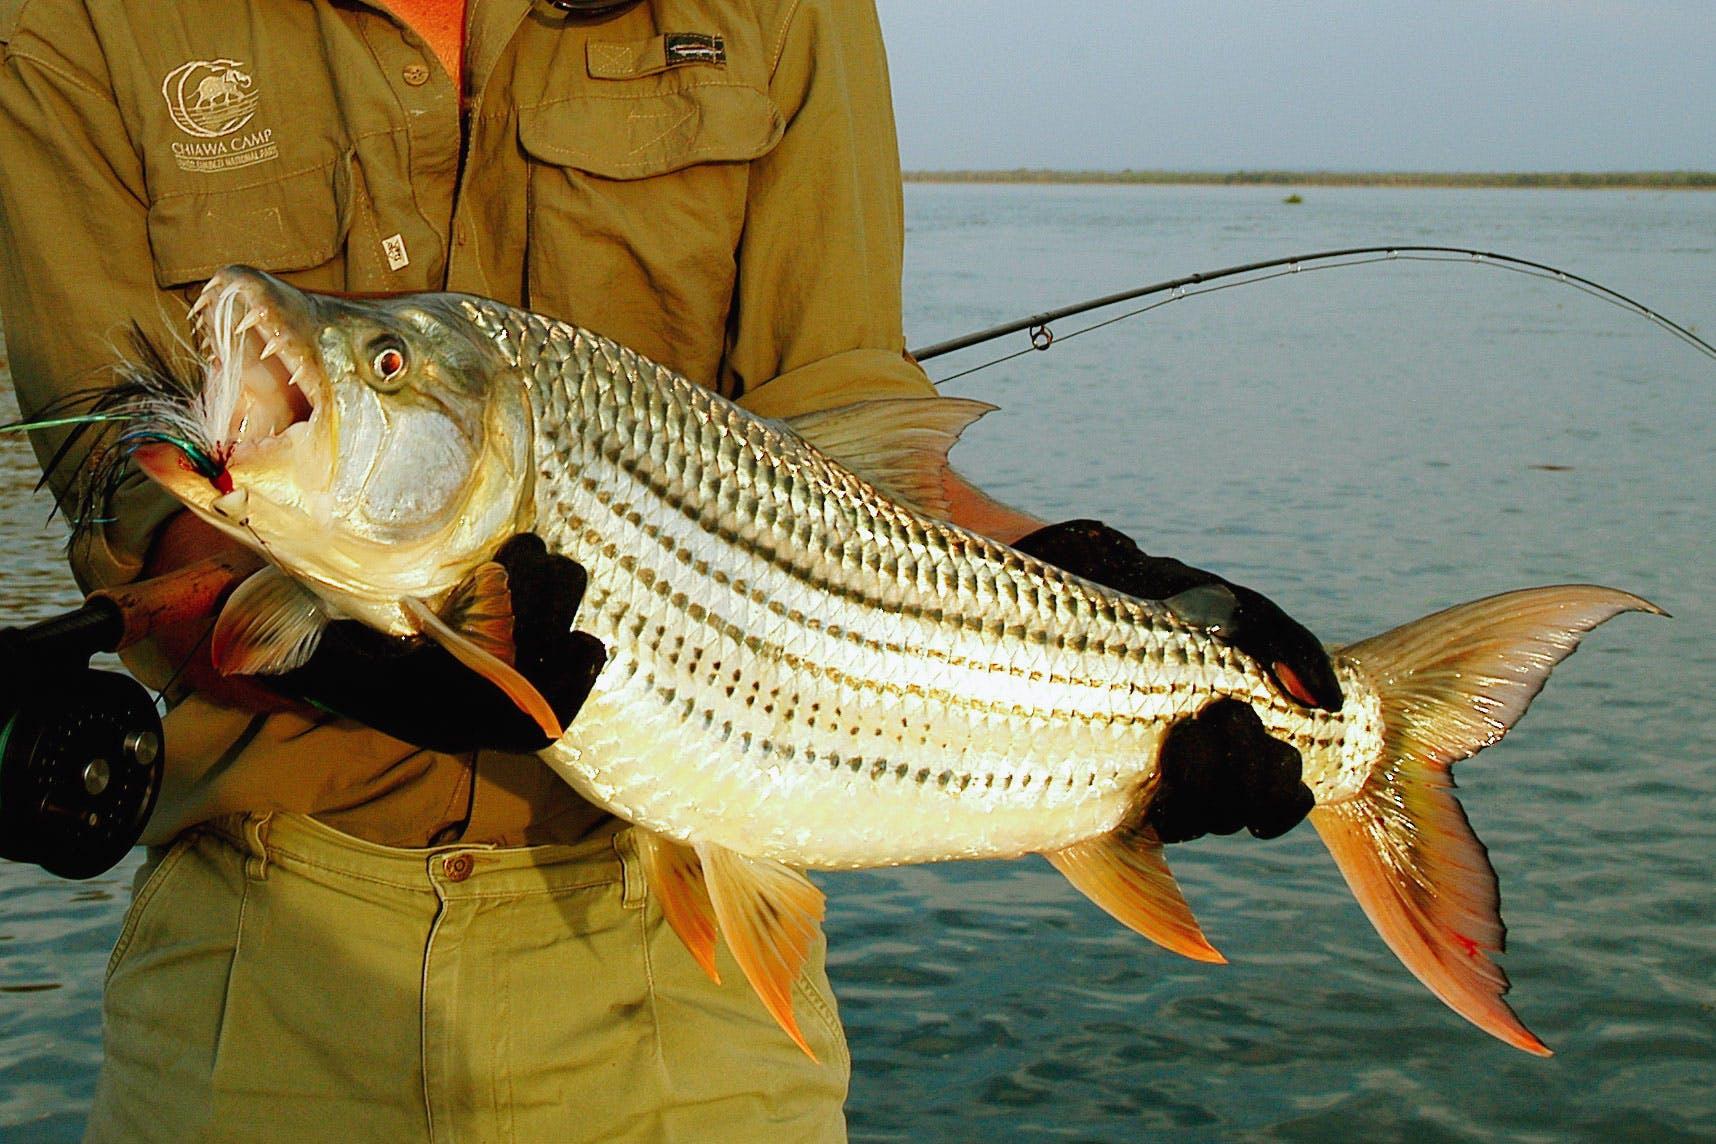 Tiger fishing Zambezi River - What to do in Zambia